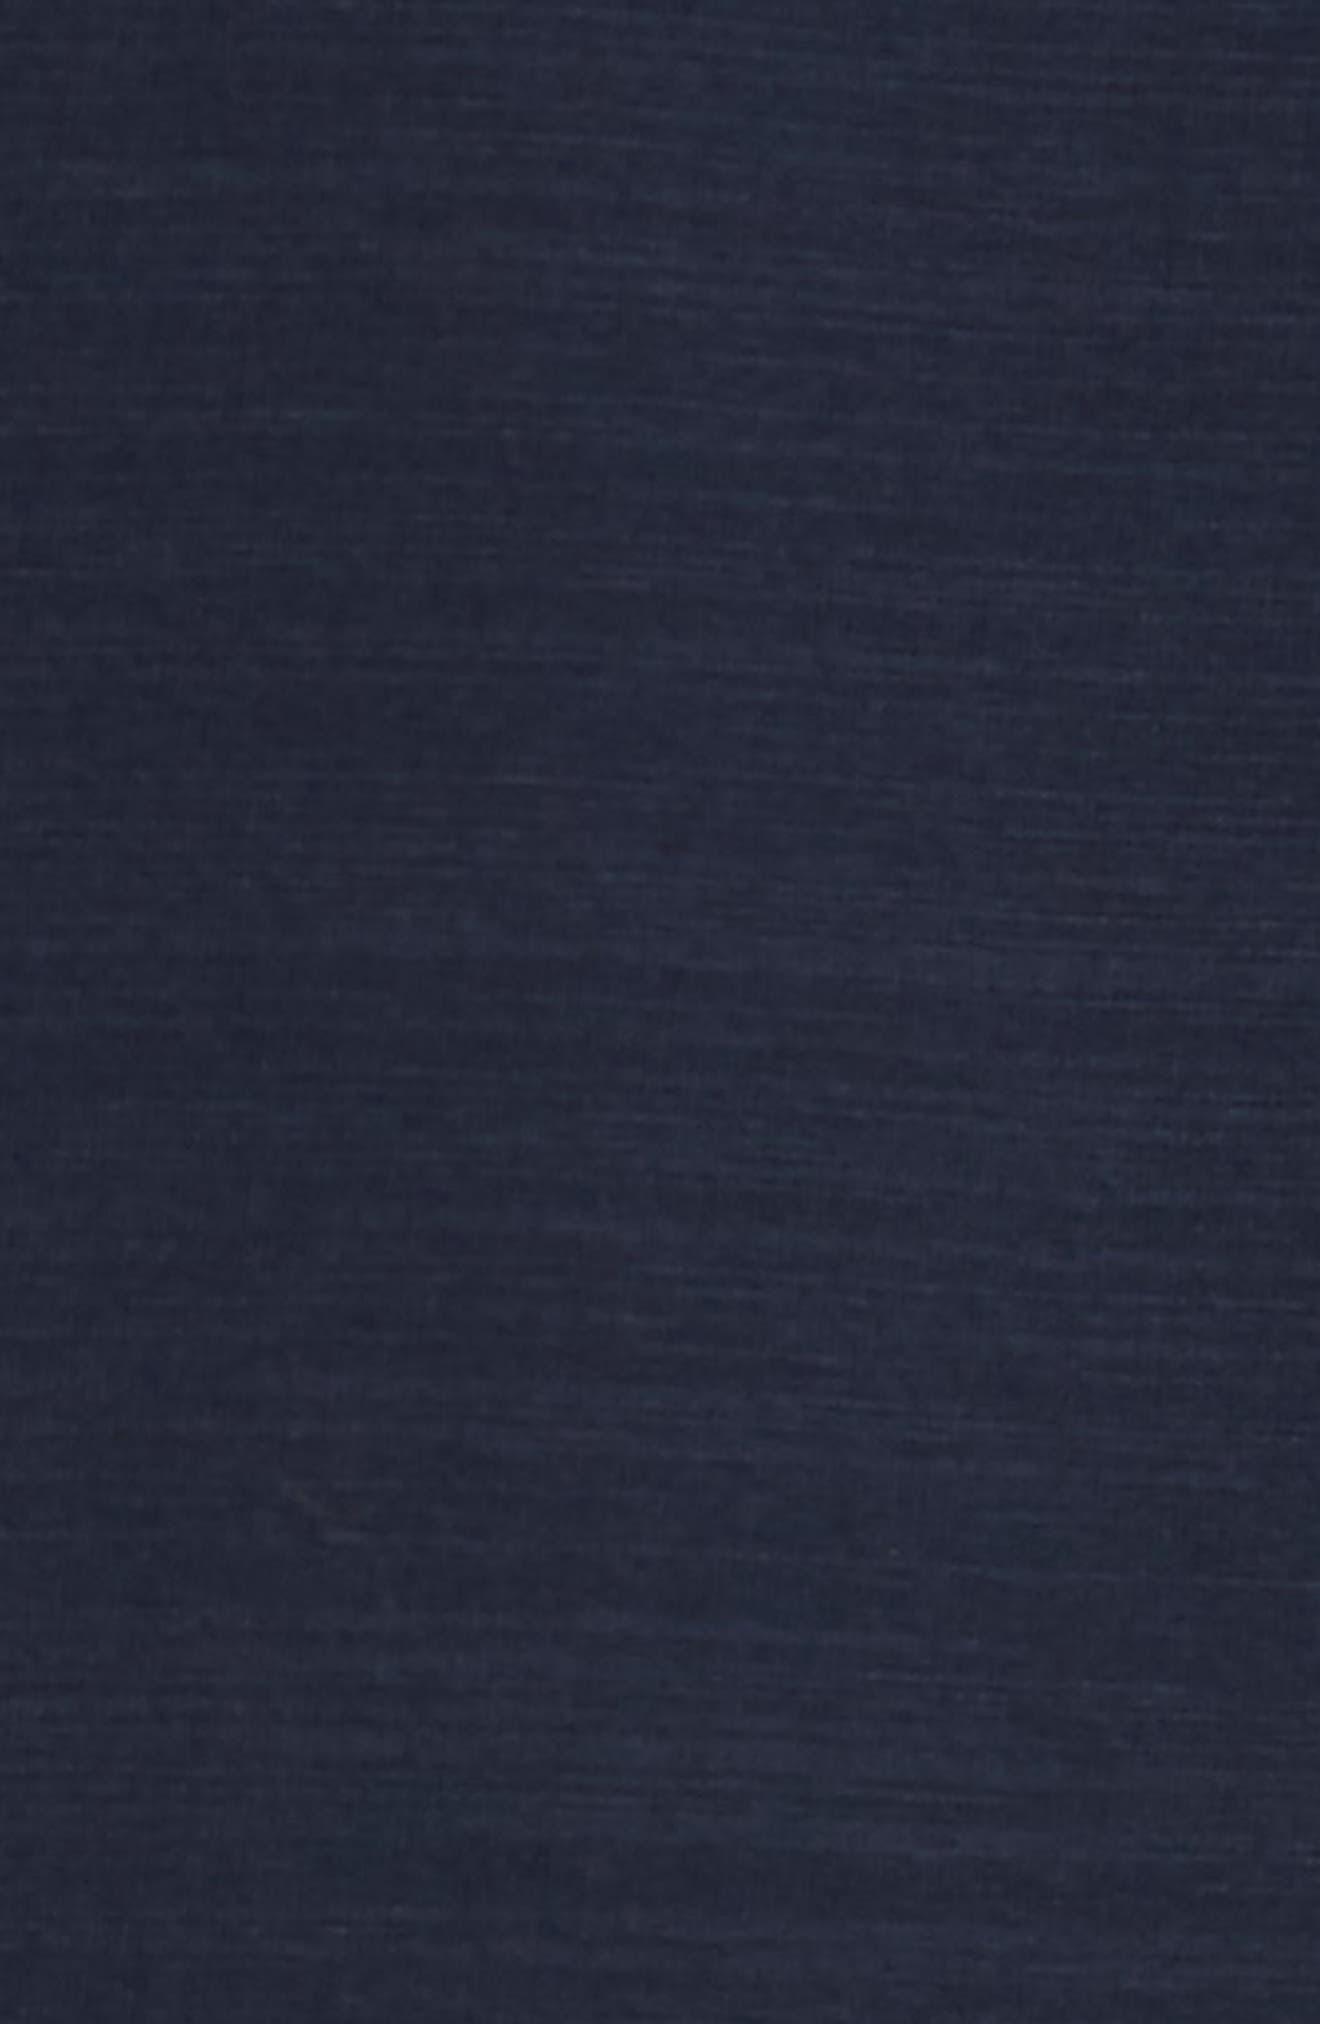 Vinn Slubbed Long Sleeve V-Neck T-Shirt,                             Alternate thumbnail 5, color,                             Ink